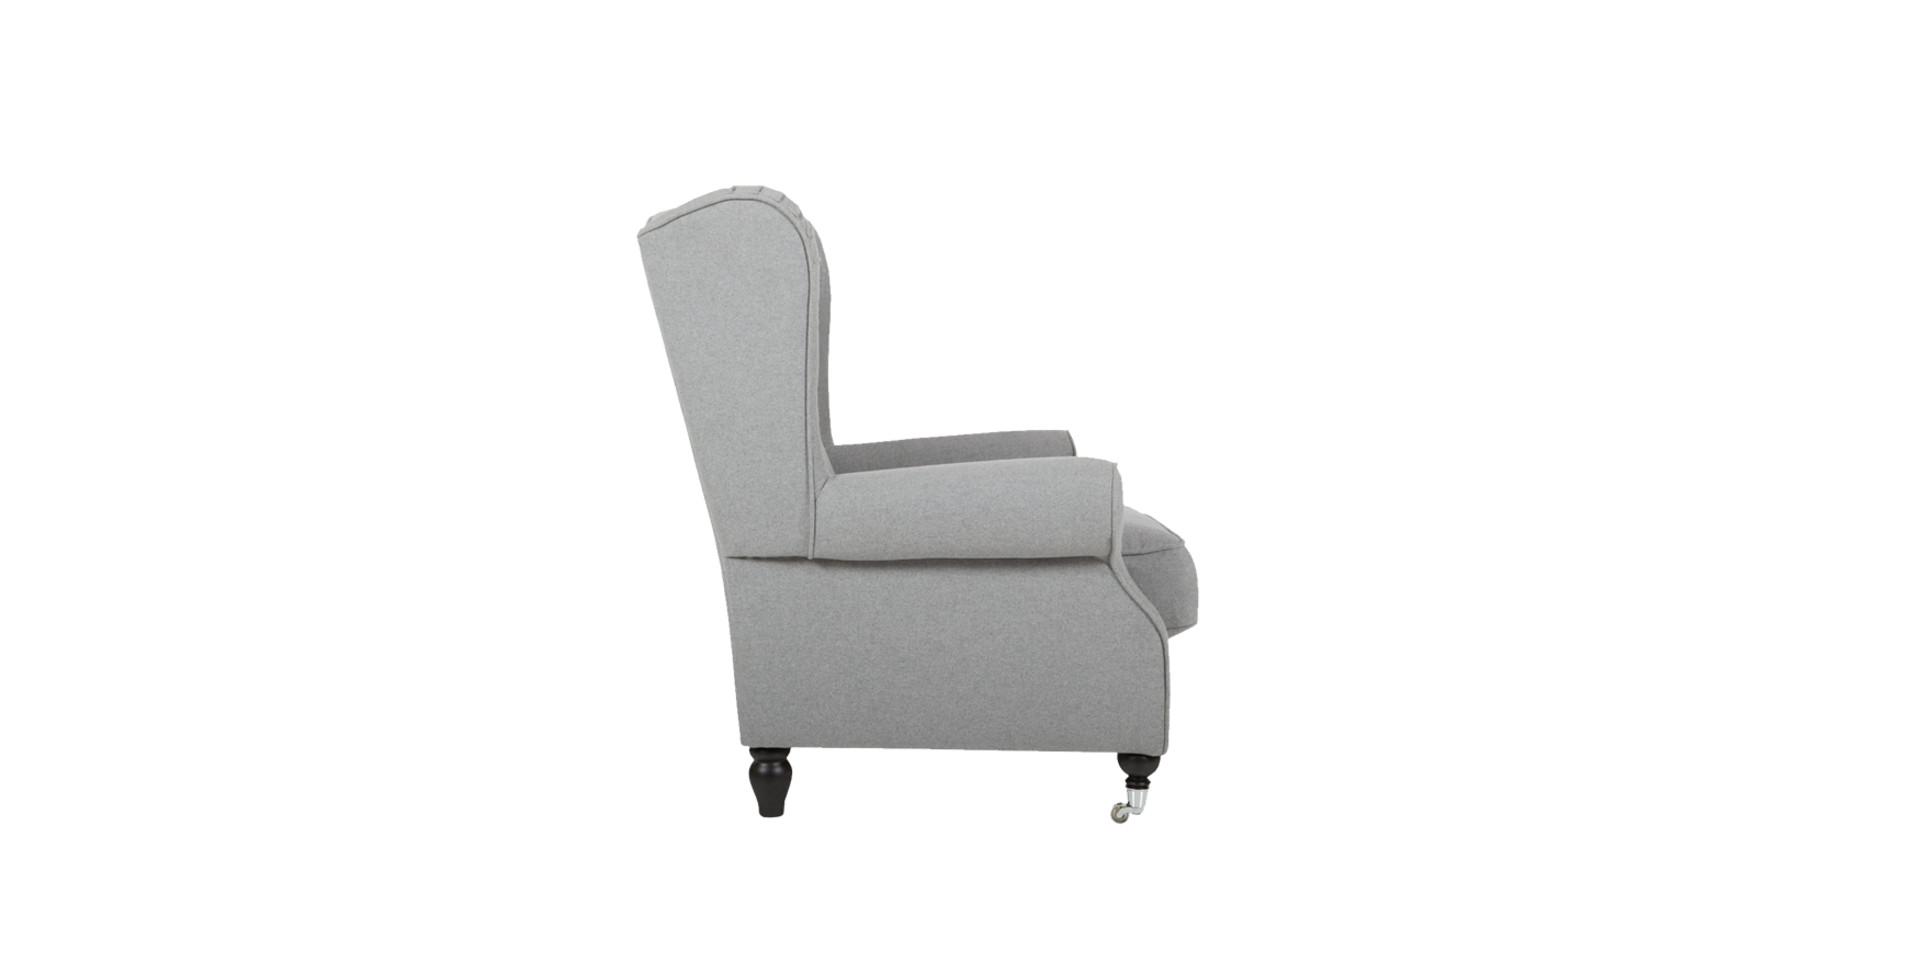 sits-humphrey-fauteuil-armchair_high_panno1000_light_grey_3